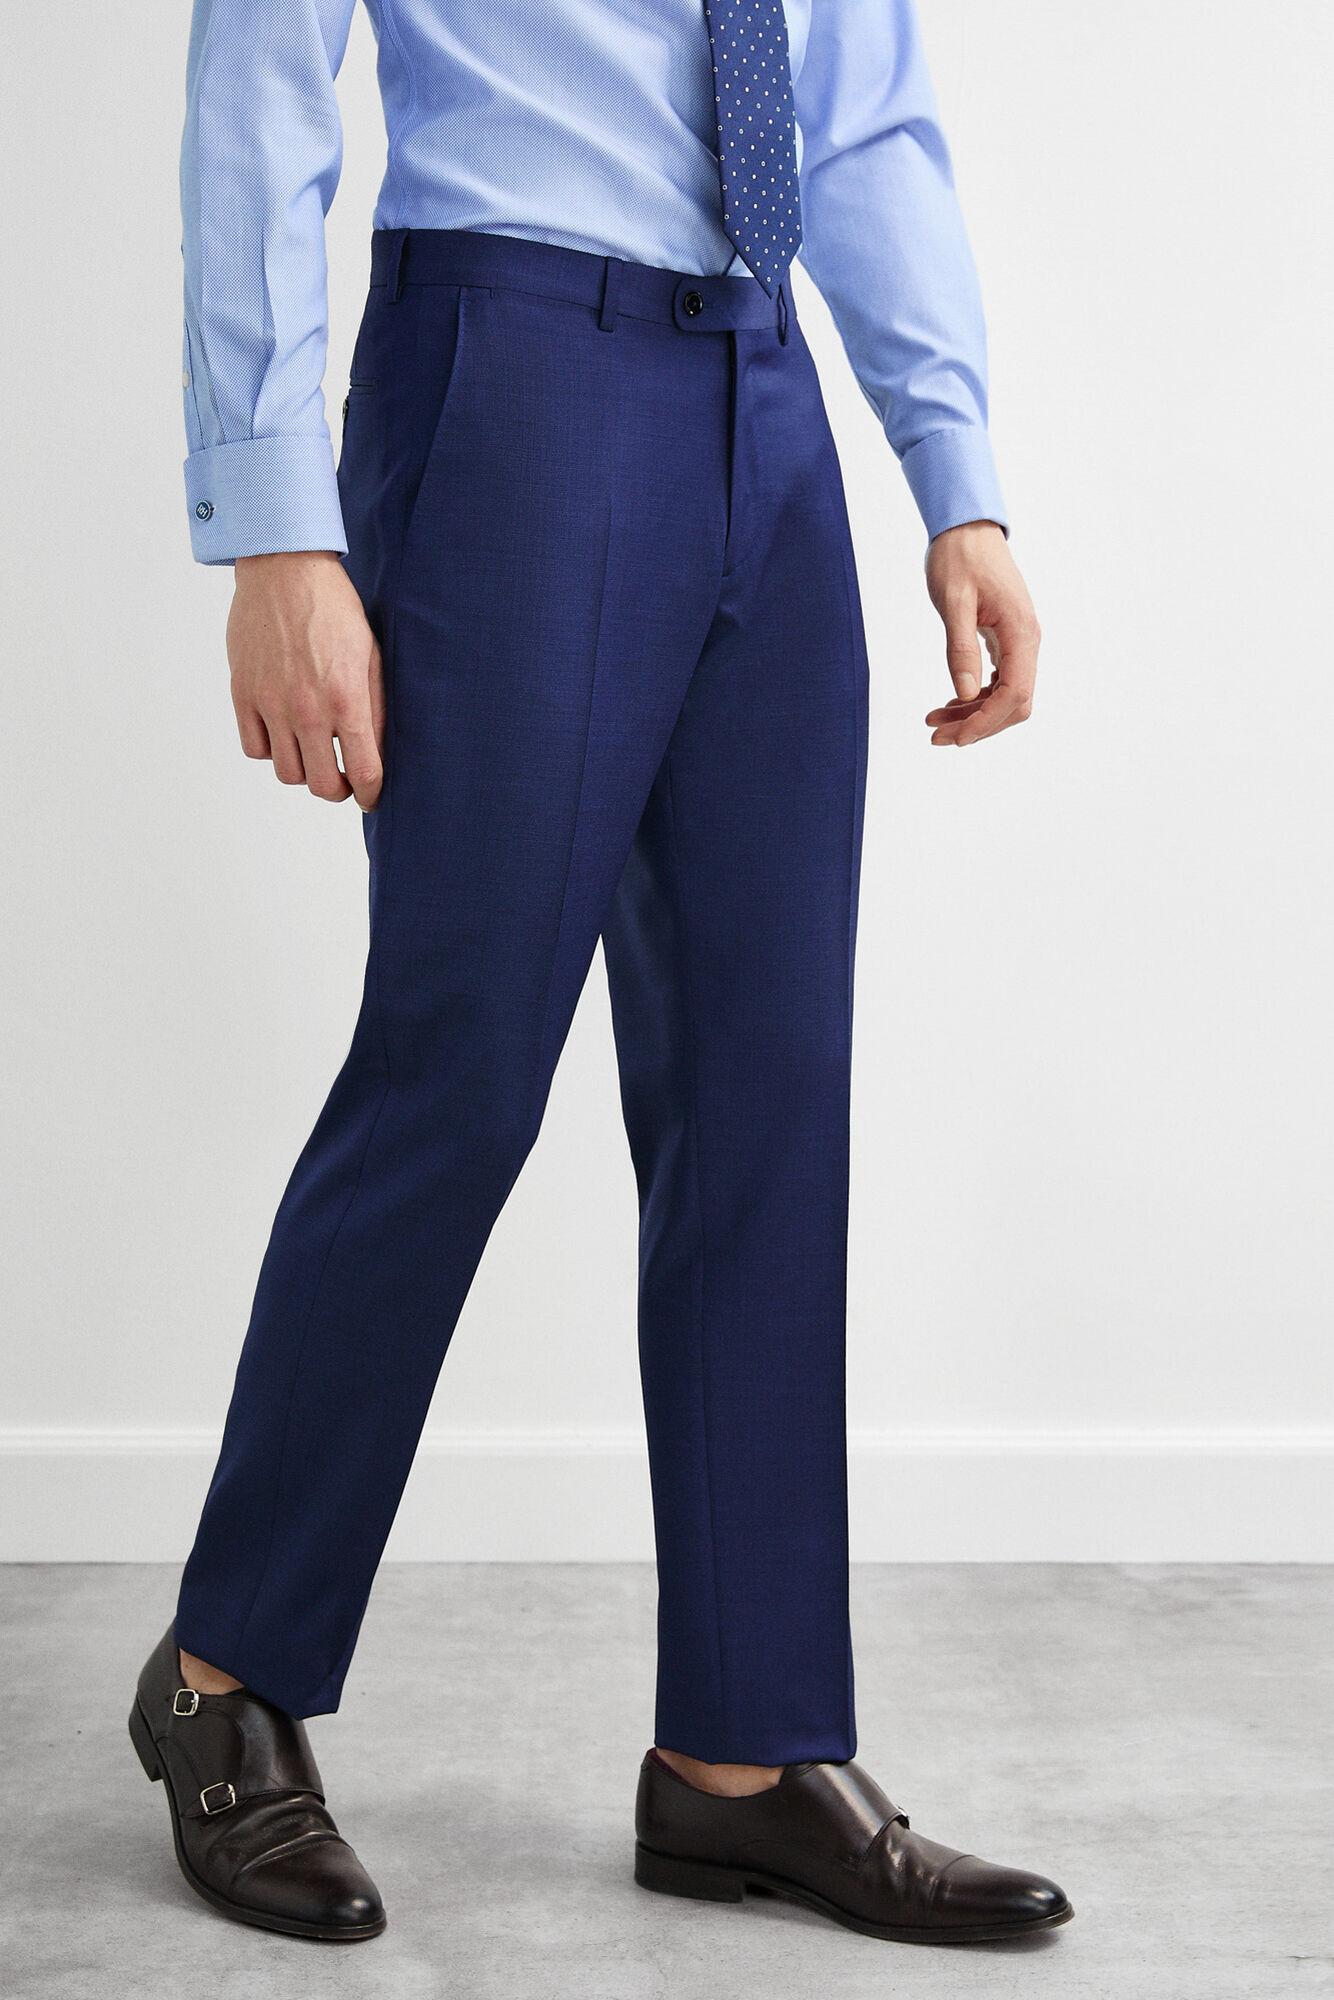 8a198bcad2 Pantalón traje azul tailored fit